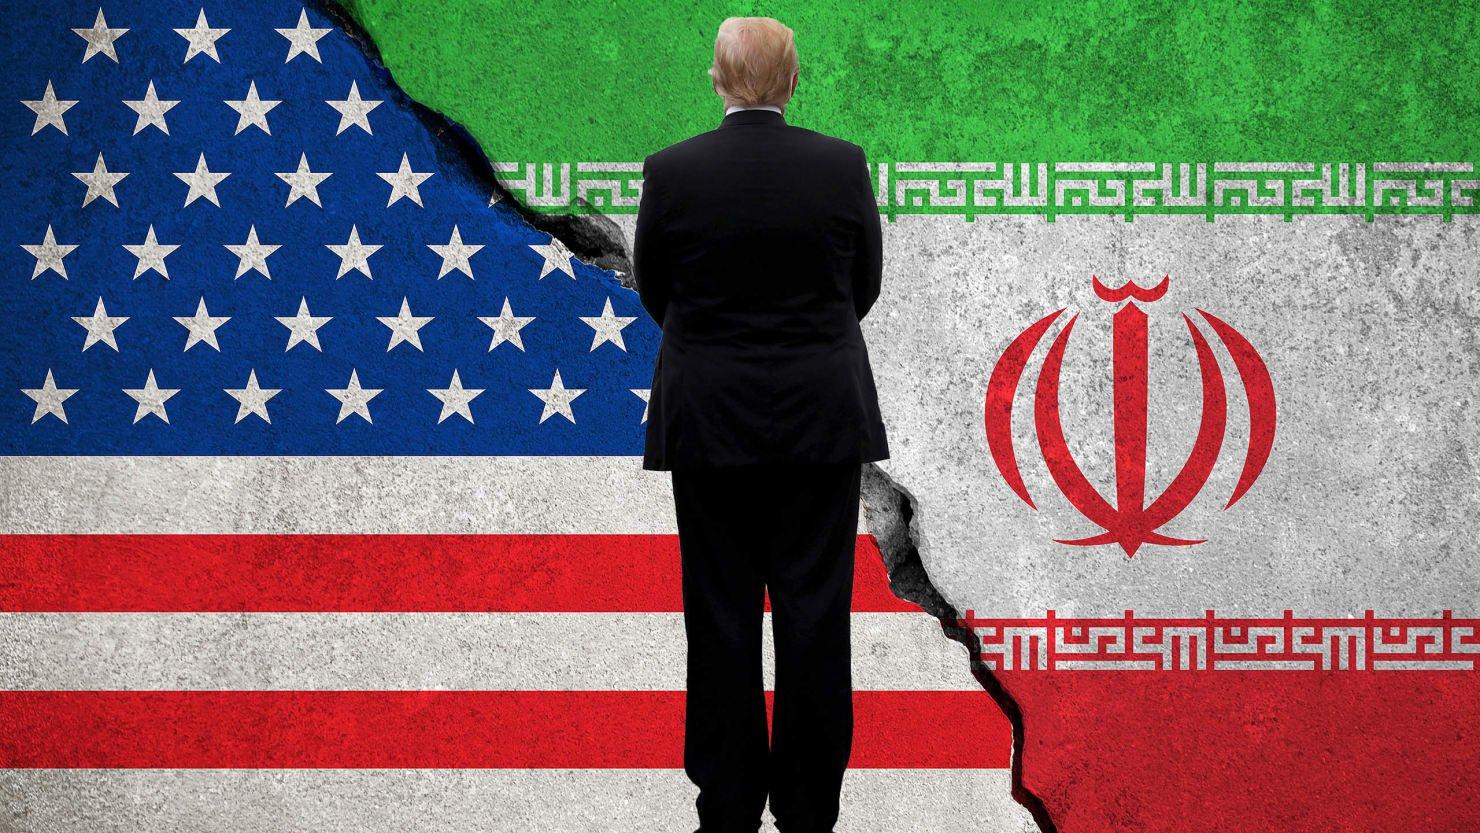 مسیر مطلوب برای ایران و آمریکا کدام است؛ دیپلماسی یا جنگ!؟